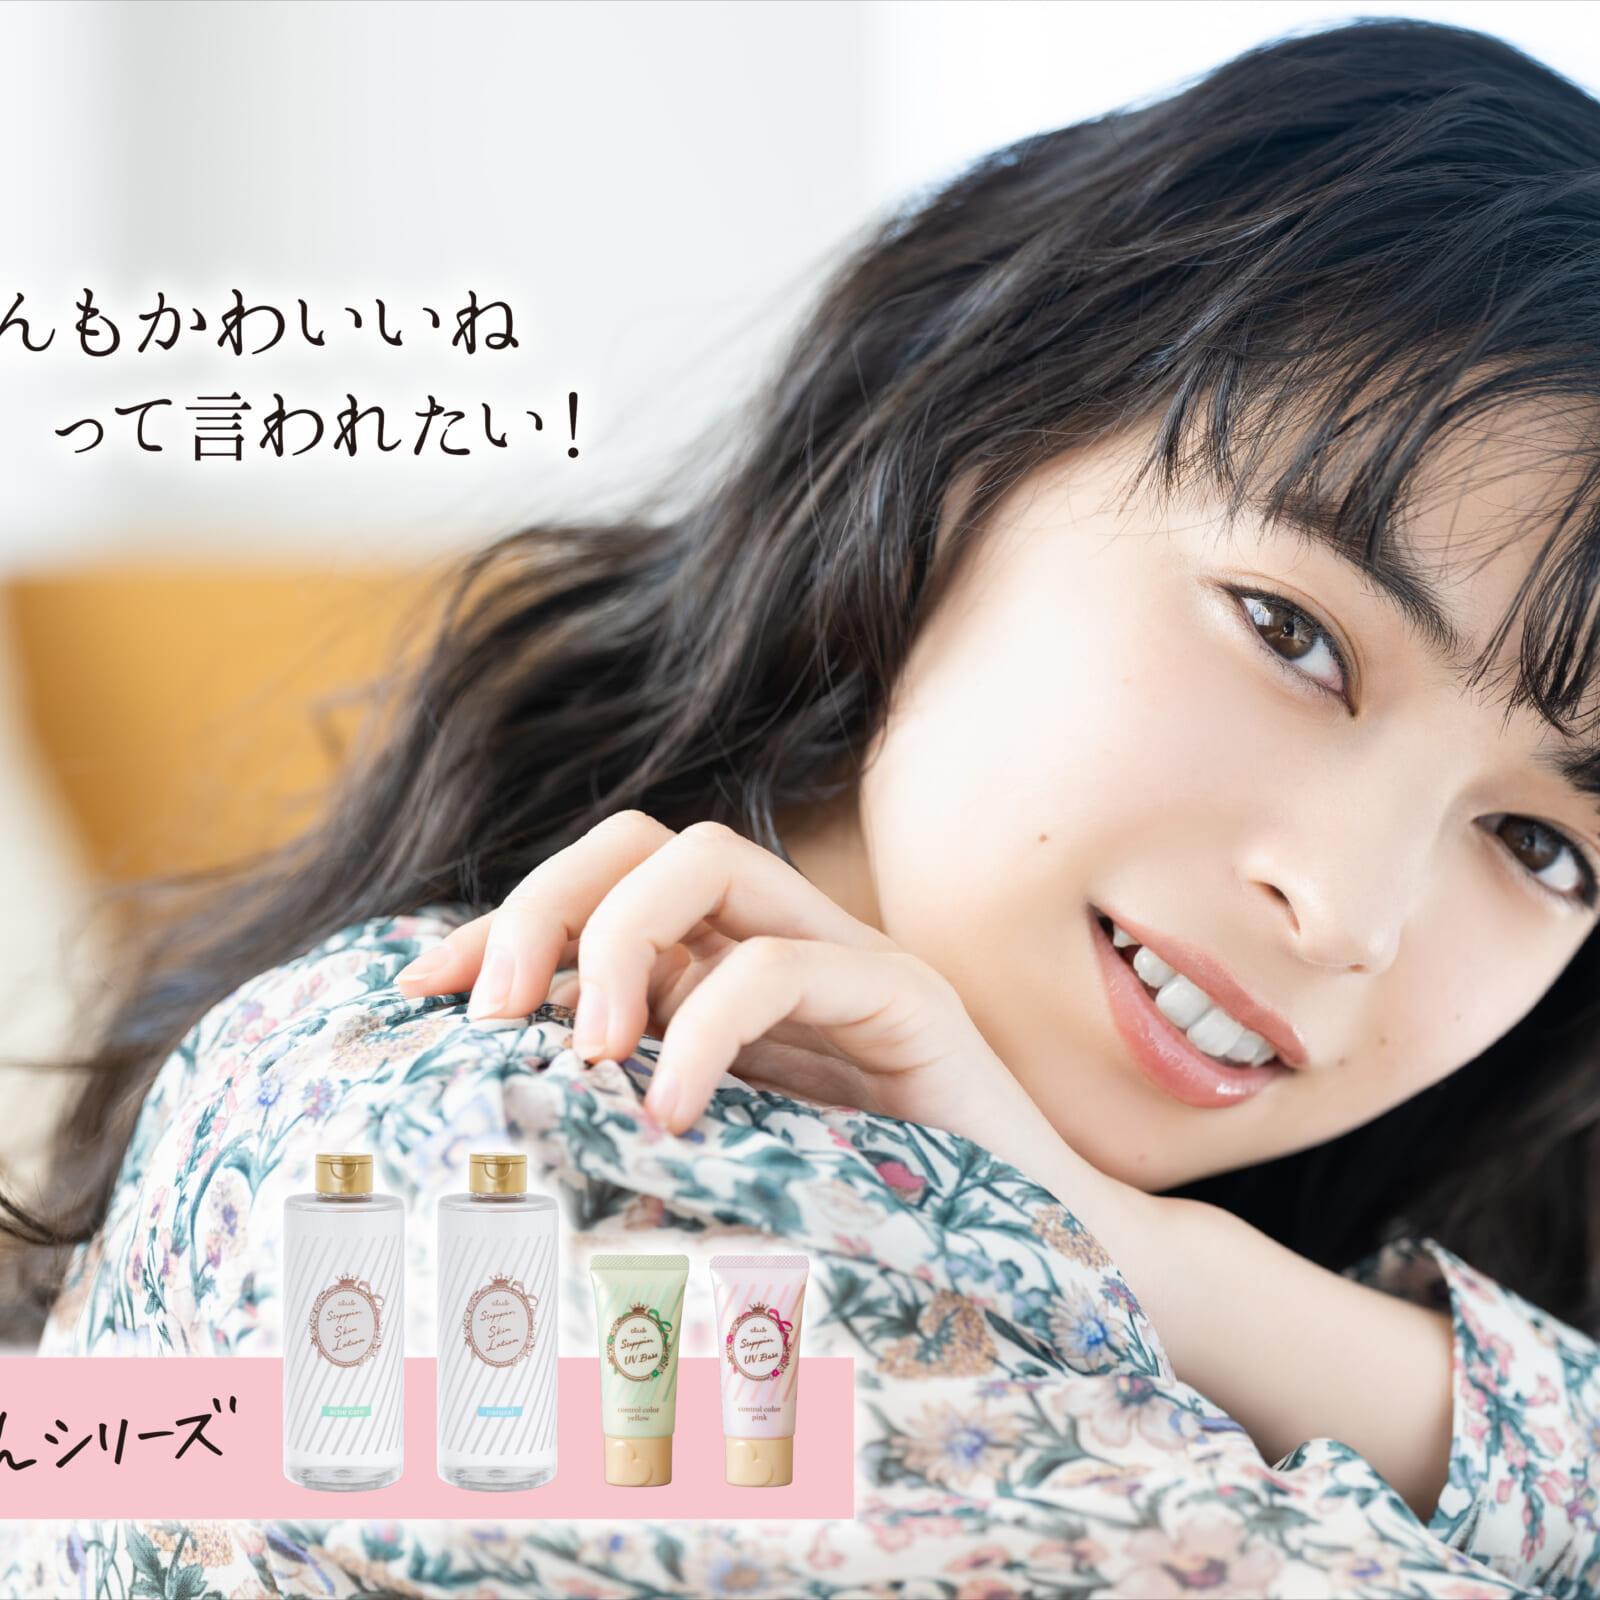 上國料萌衣「クラブ すっぴんシリーズ」新ビジュアル公開